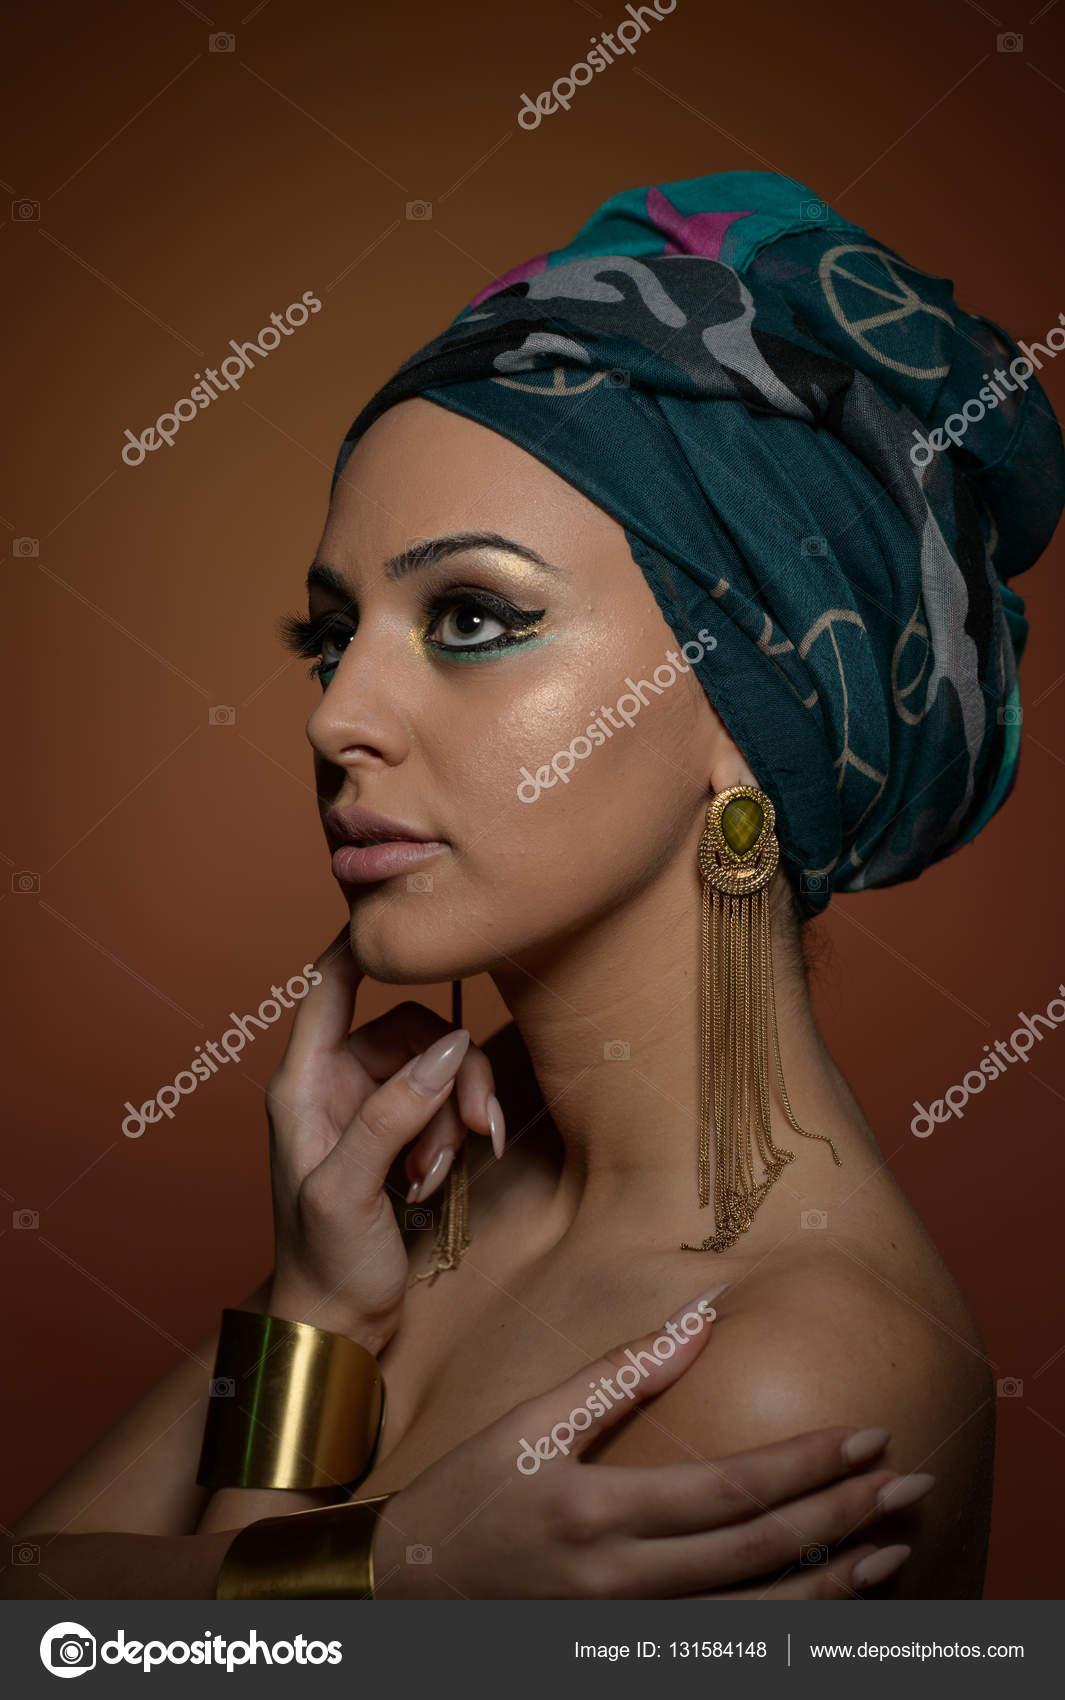 Gyönyörű nő egy turbán. Fiatal gyönyörű nő turbán és arany kiegészítők. Divatos  nő szépségét hajat turbán csomagolva. Szép kaukázusi modell visel fülbevaló  ... 31675e633e